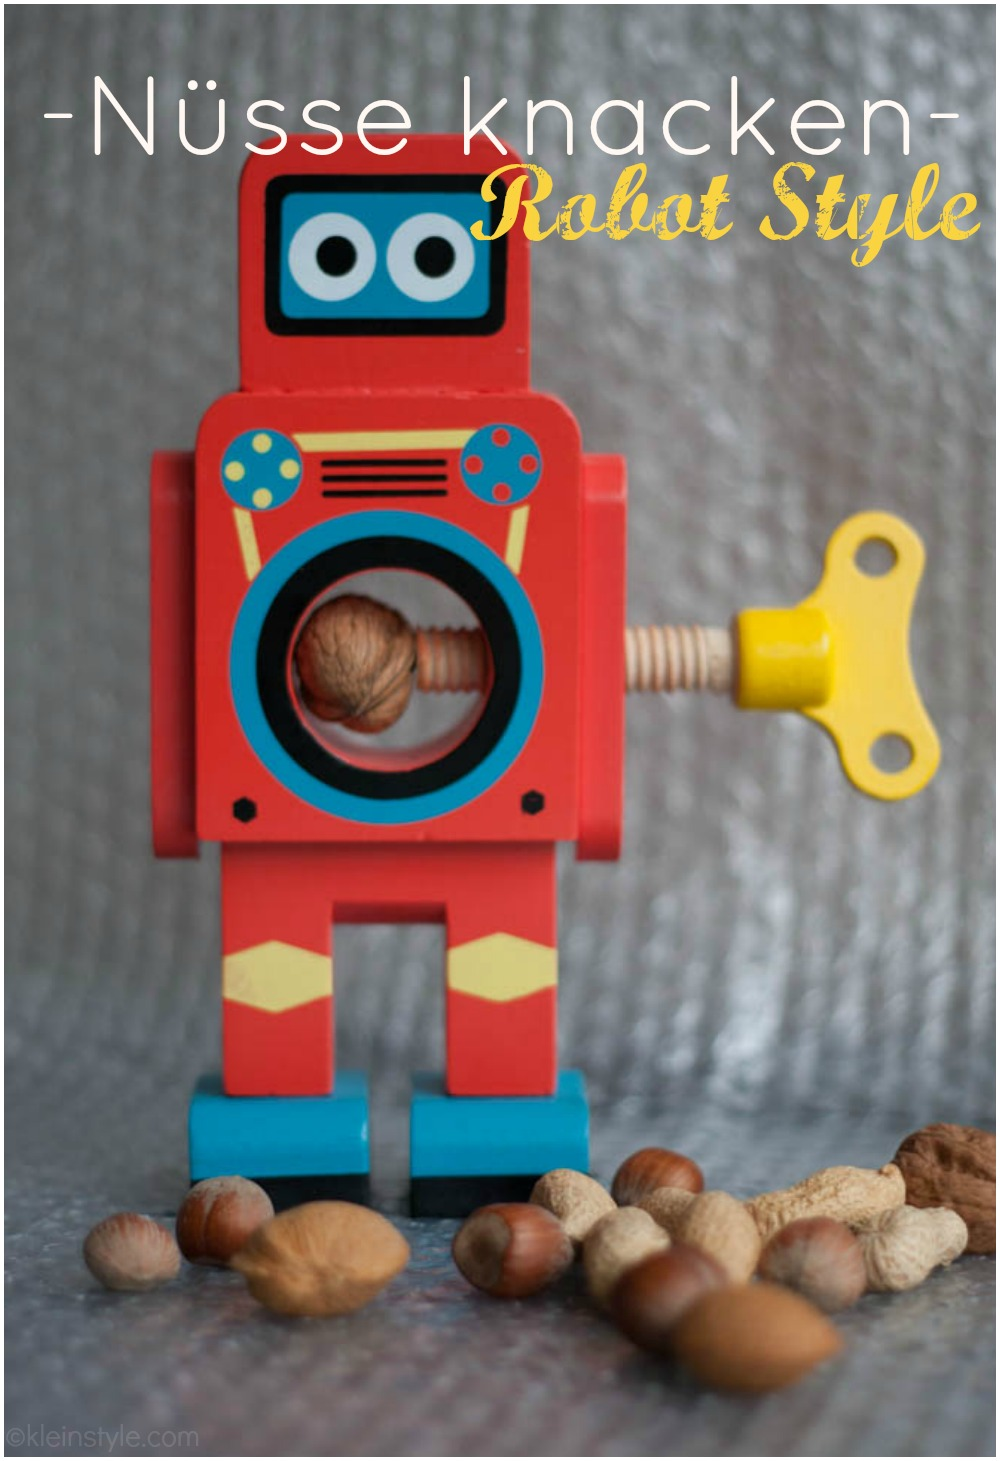 Nussknacker : Robot-Style